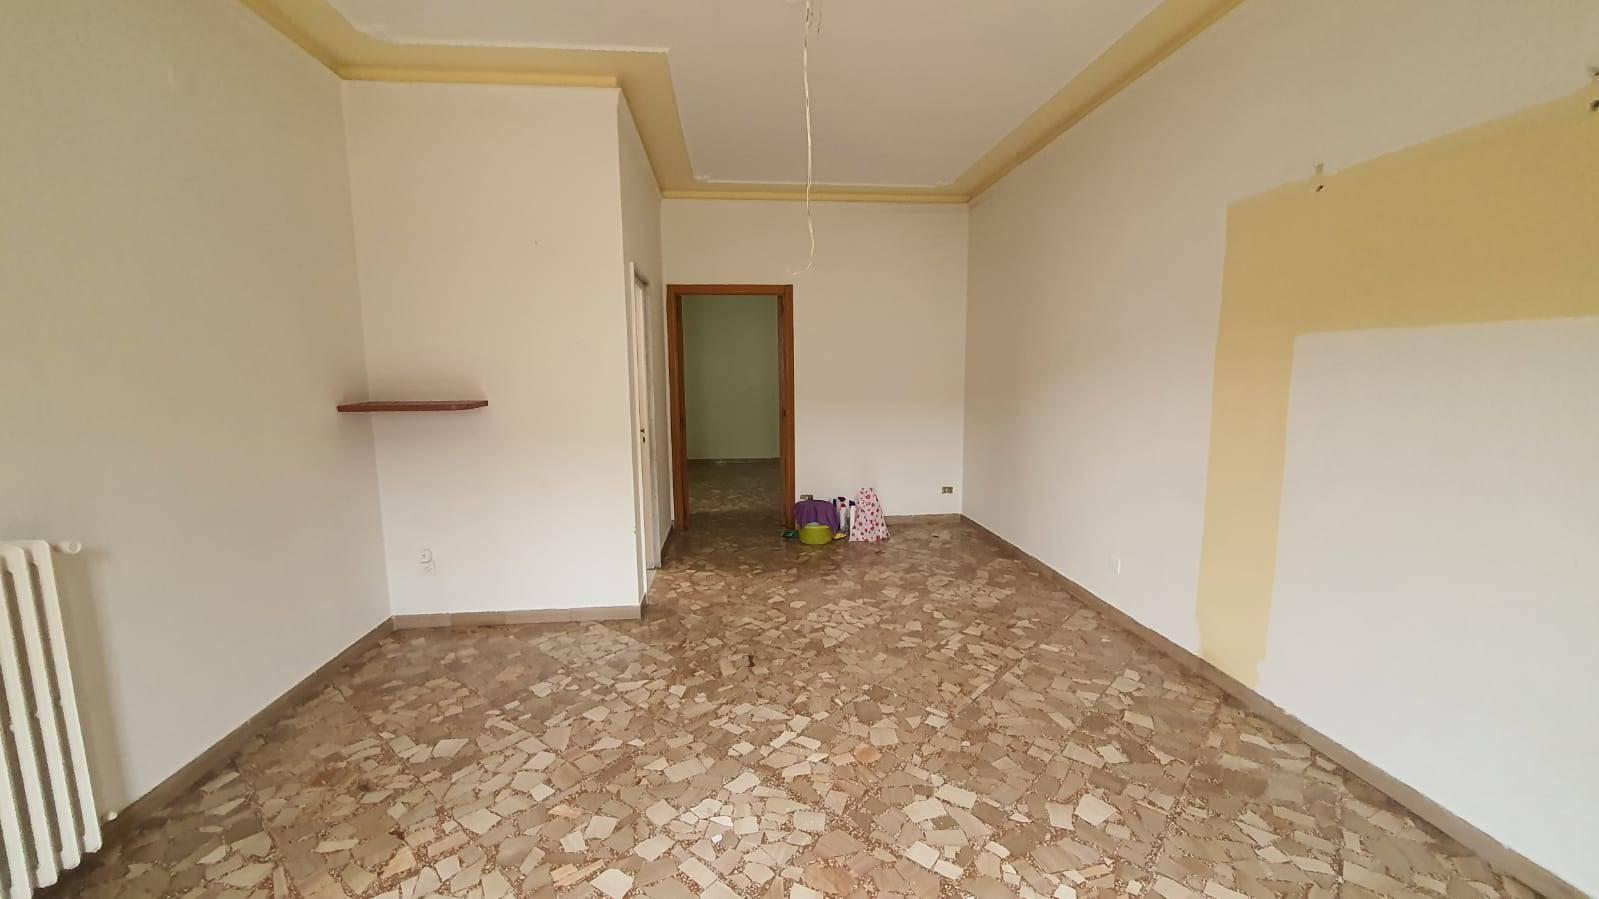 Appartamento in vendita a Altamura, 3 locali, prezzo € 135.000   CambioCasa.it